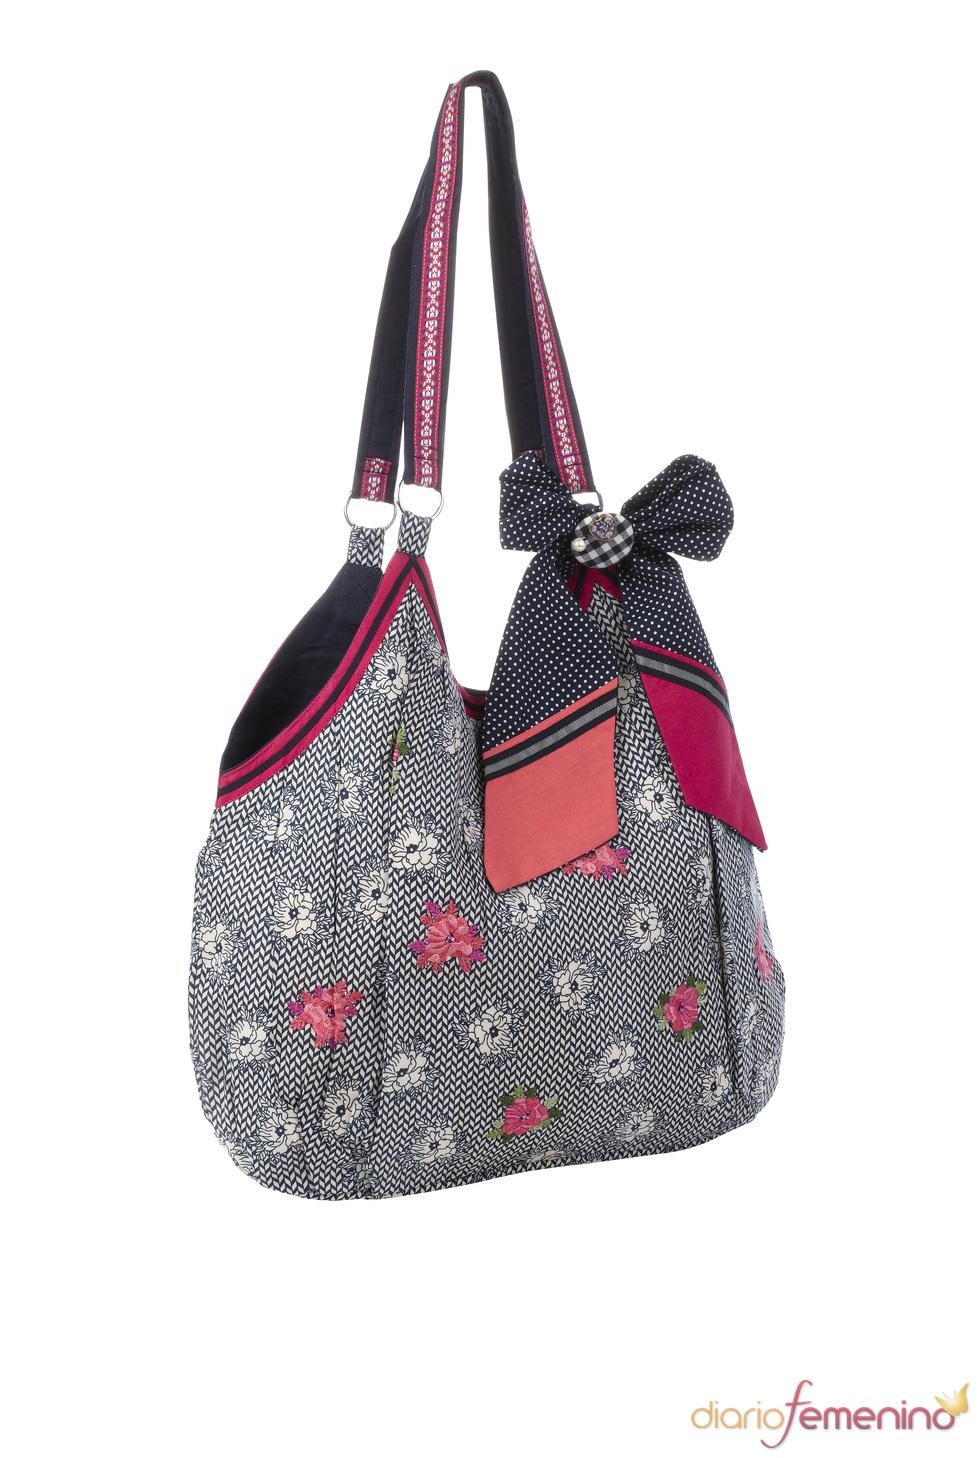 Bluebelle Rose Bag